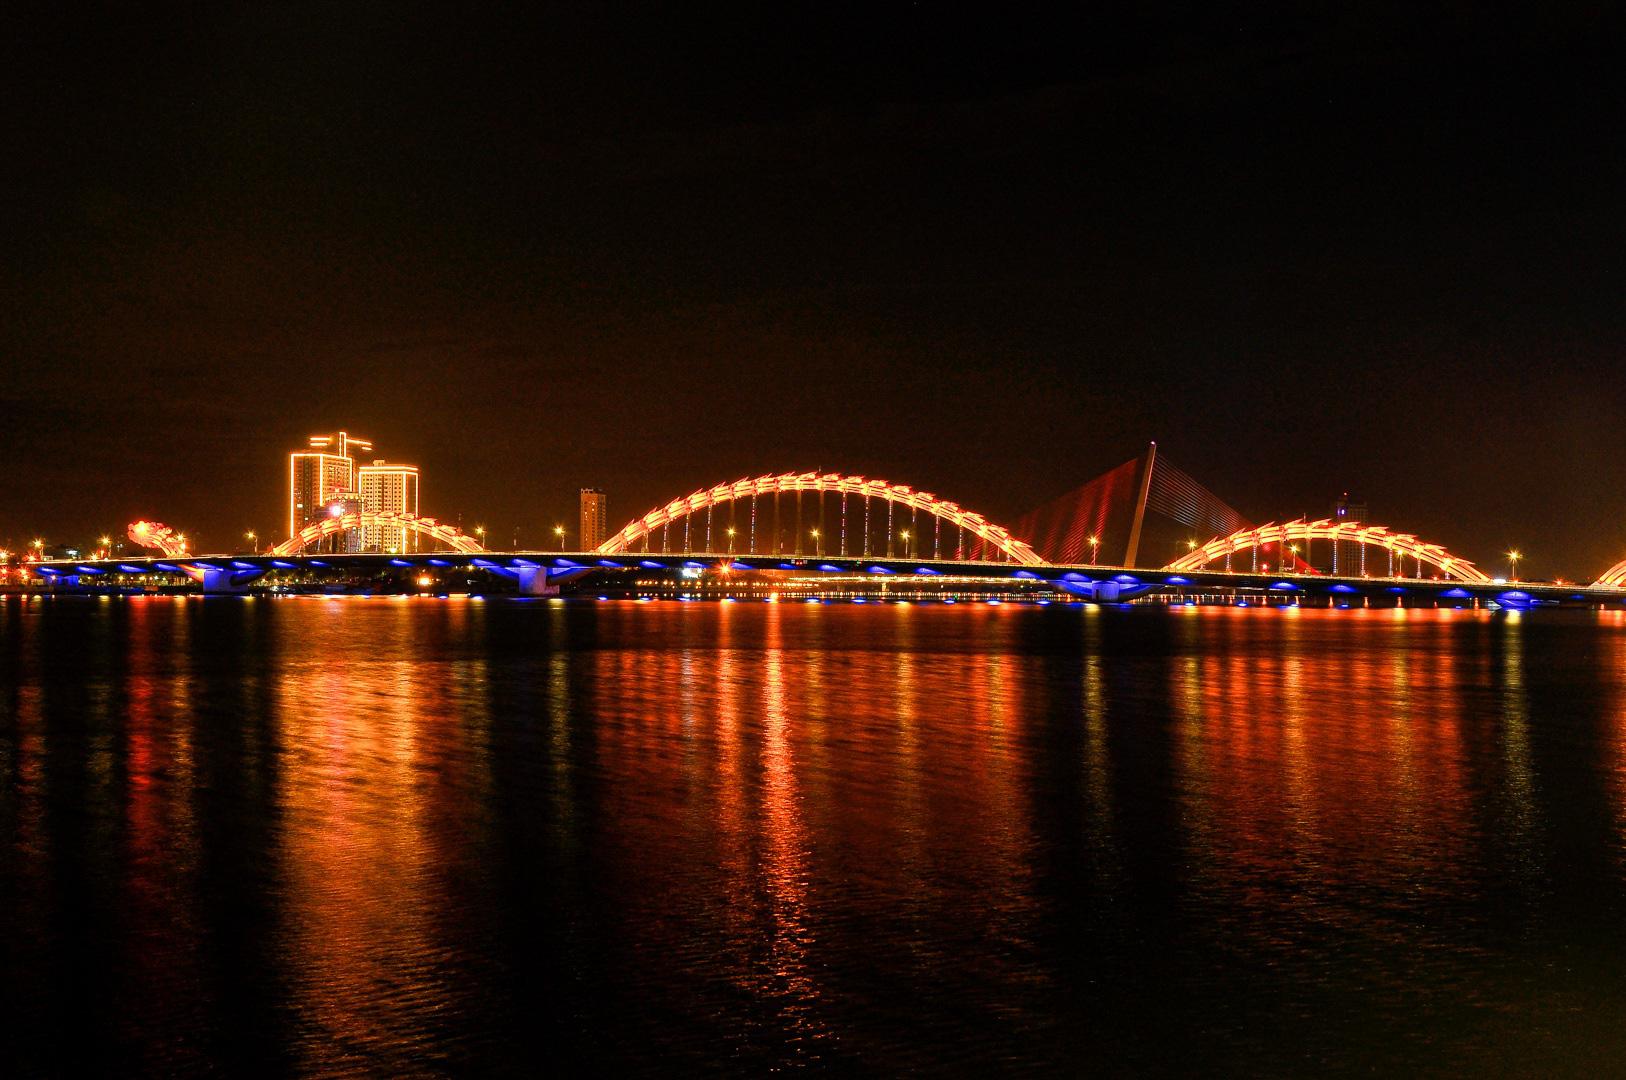 Đà Nẵng: Khách sạn đồng loạt lên đèn hình trái tim giữa mùa dịch Covid-19 - Ảnh 7.